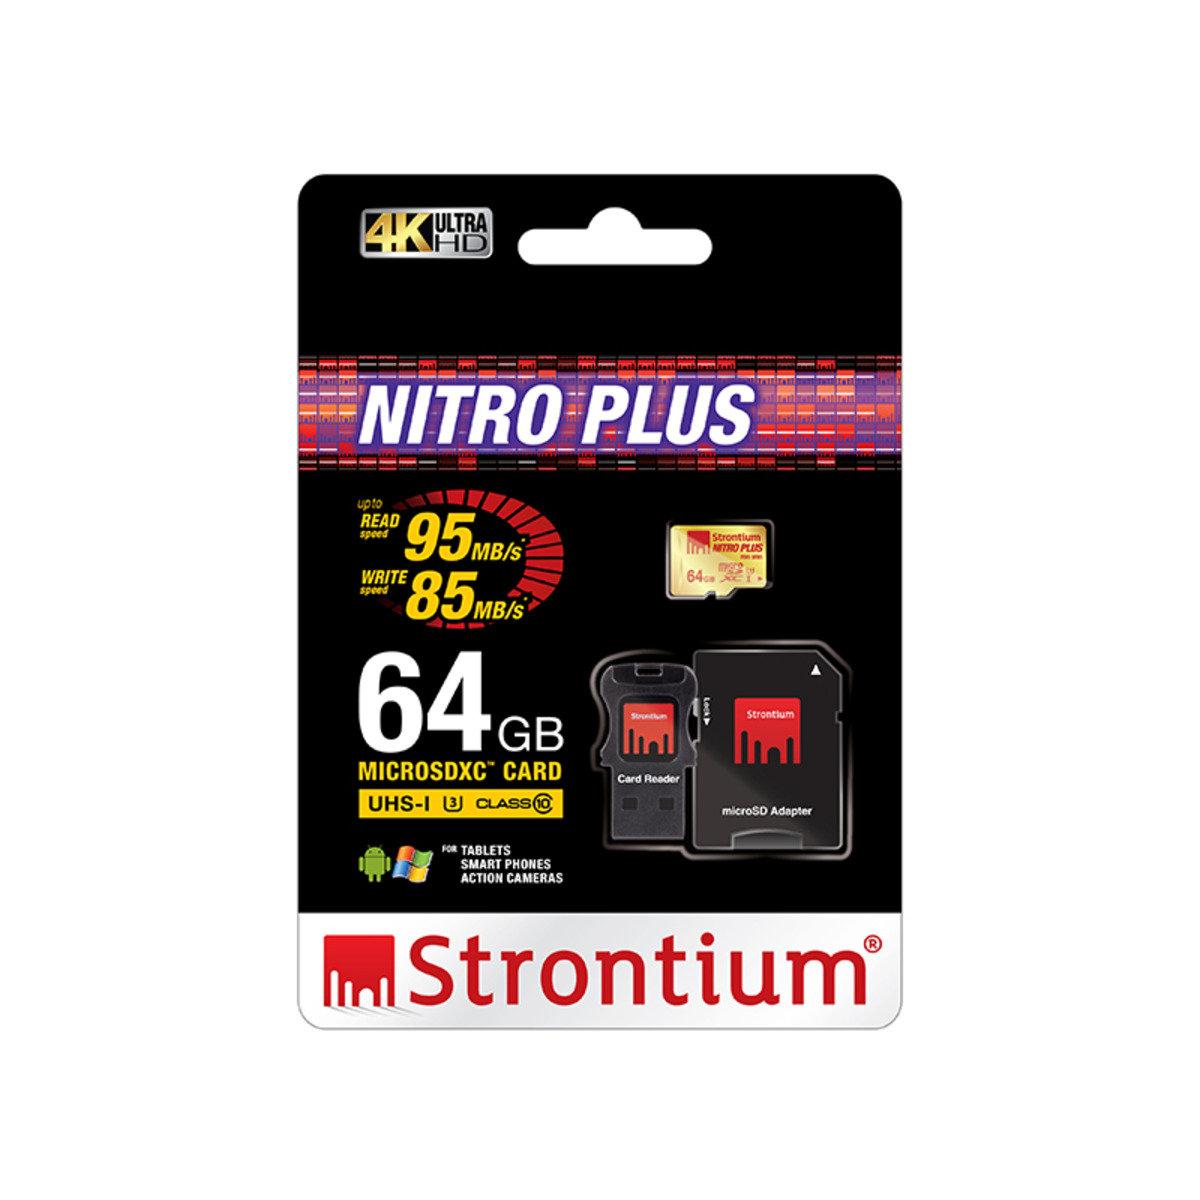 NITRO PLUS 64GB UHS-1 (U3) Class 10 micro SD SDXC 超高速4K專用記憶卡